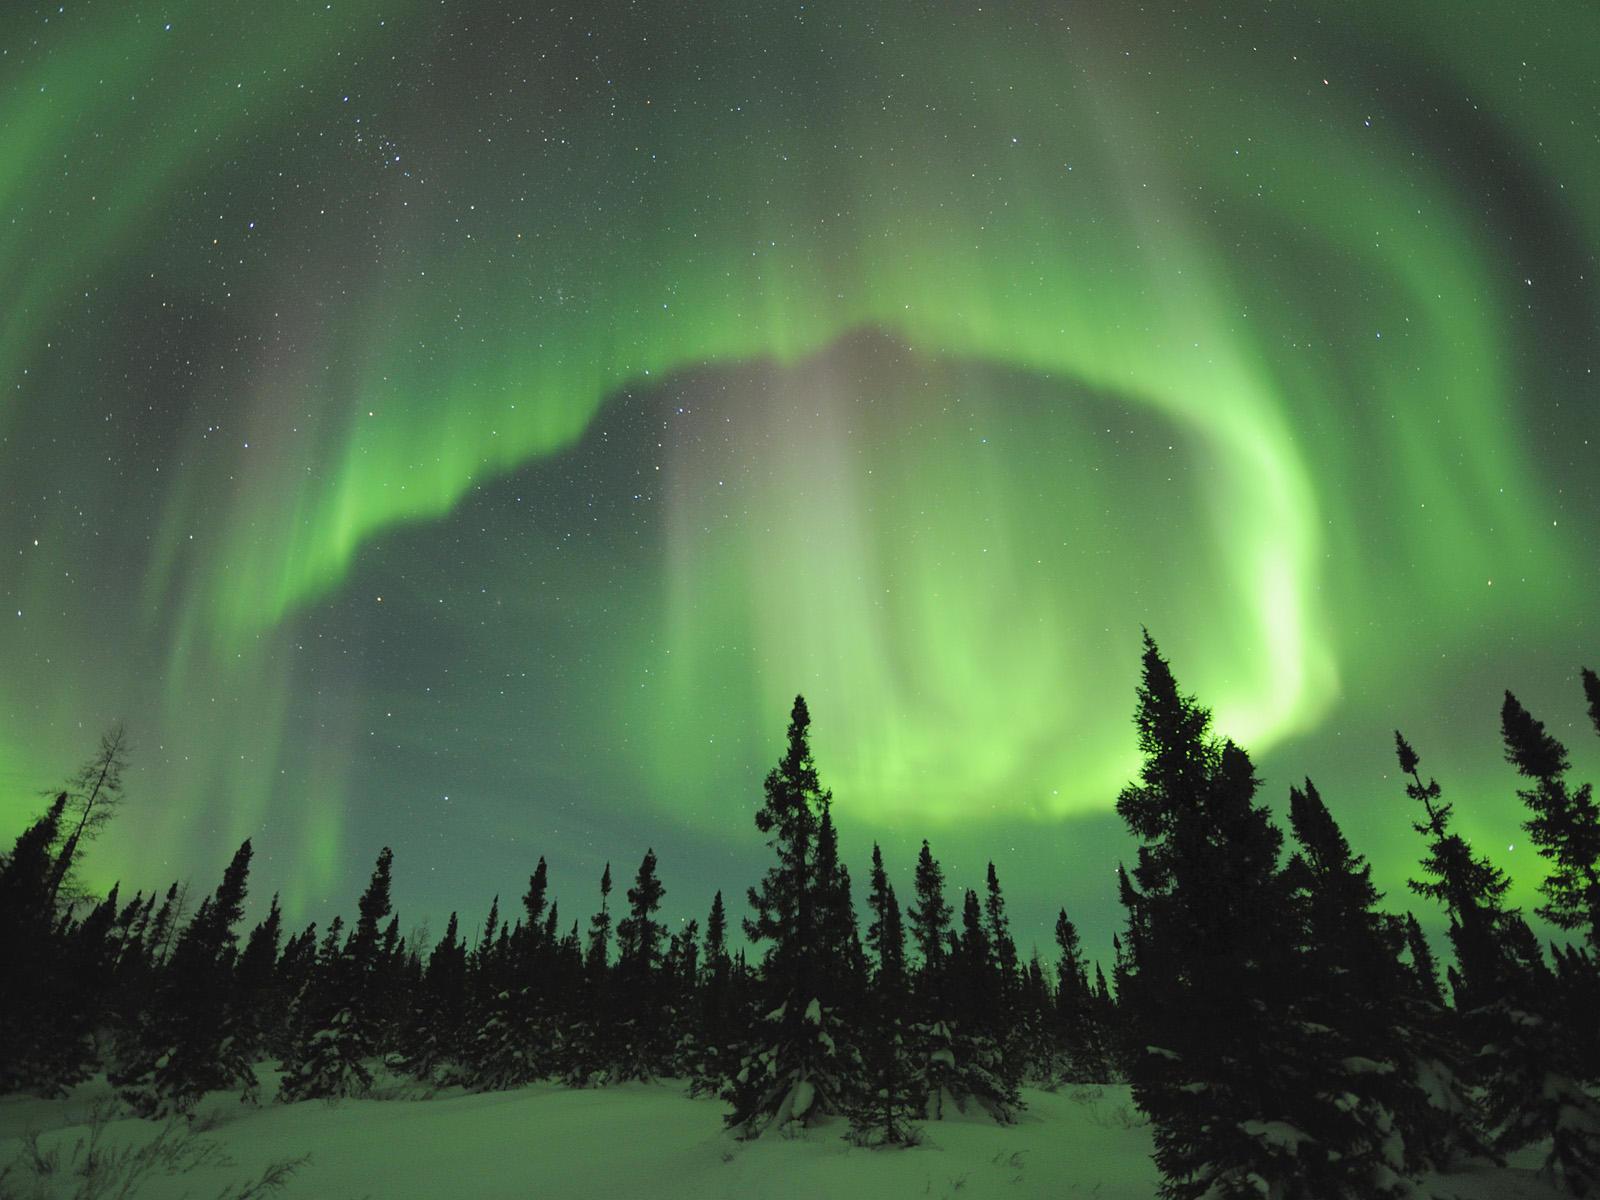 Manitoba, Canada --- Aurora Borealis in Manitoba --- Image by © Daniel J. Cox/Corbis